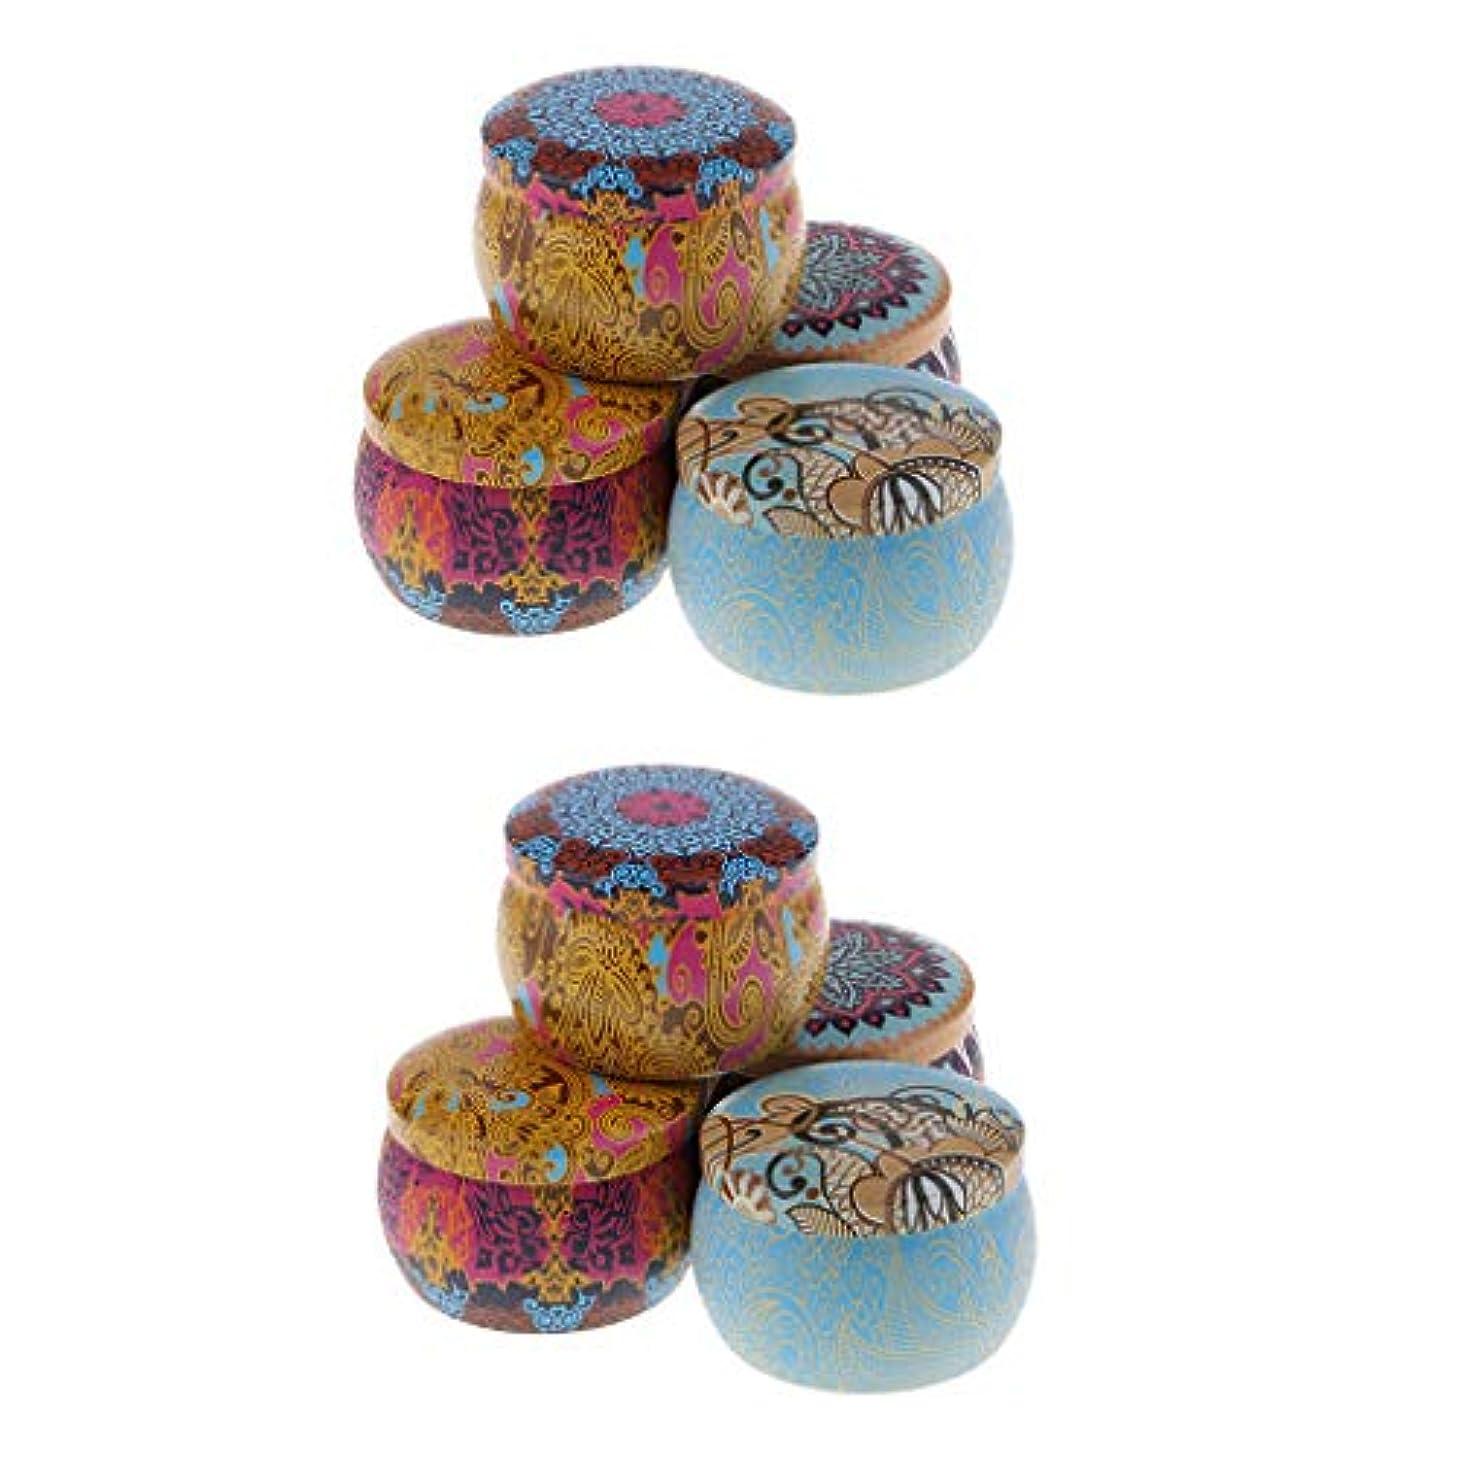 資料読みやすい湿度アロマキャンドル 缶キャンドル 香りキャンドル スポータブル ナショナルスタイル 8個入り